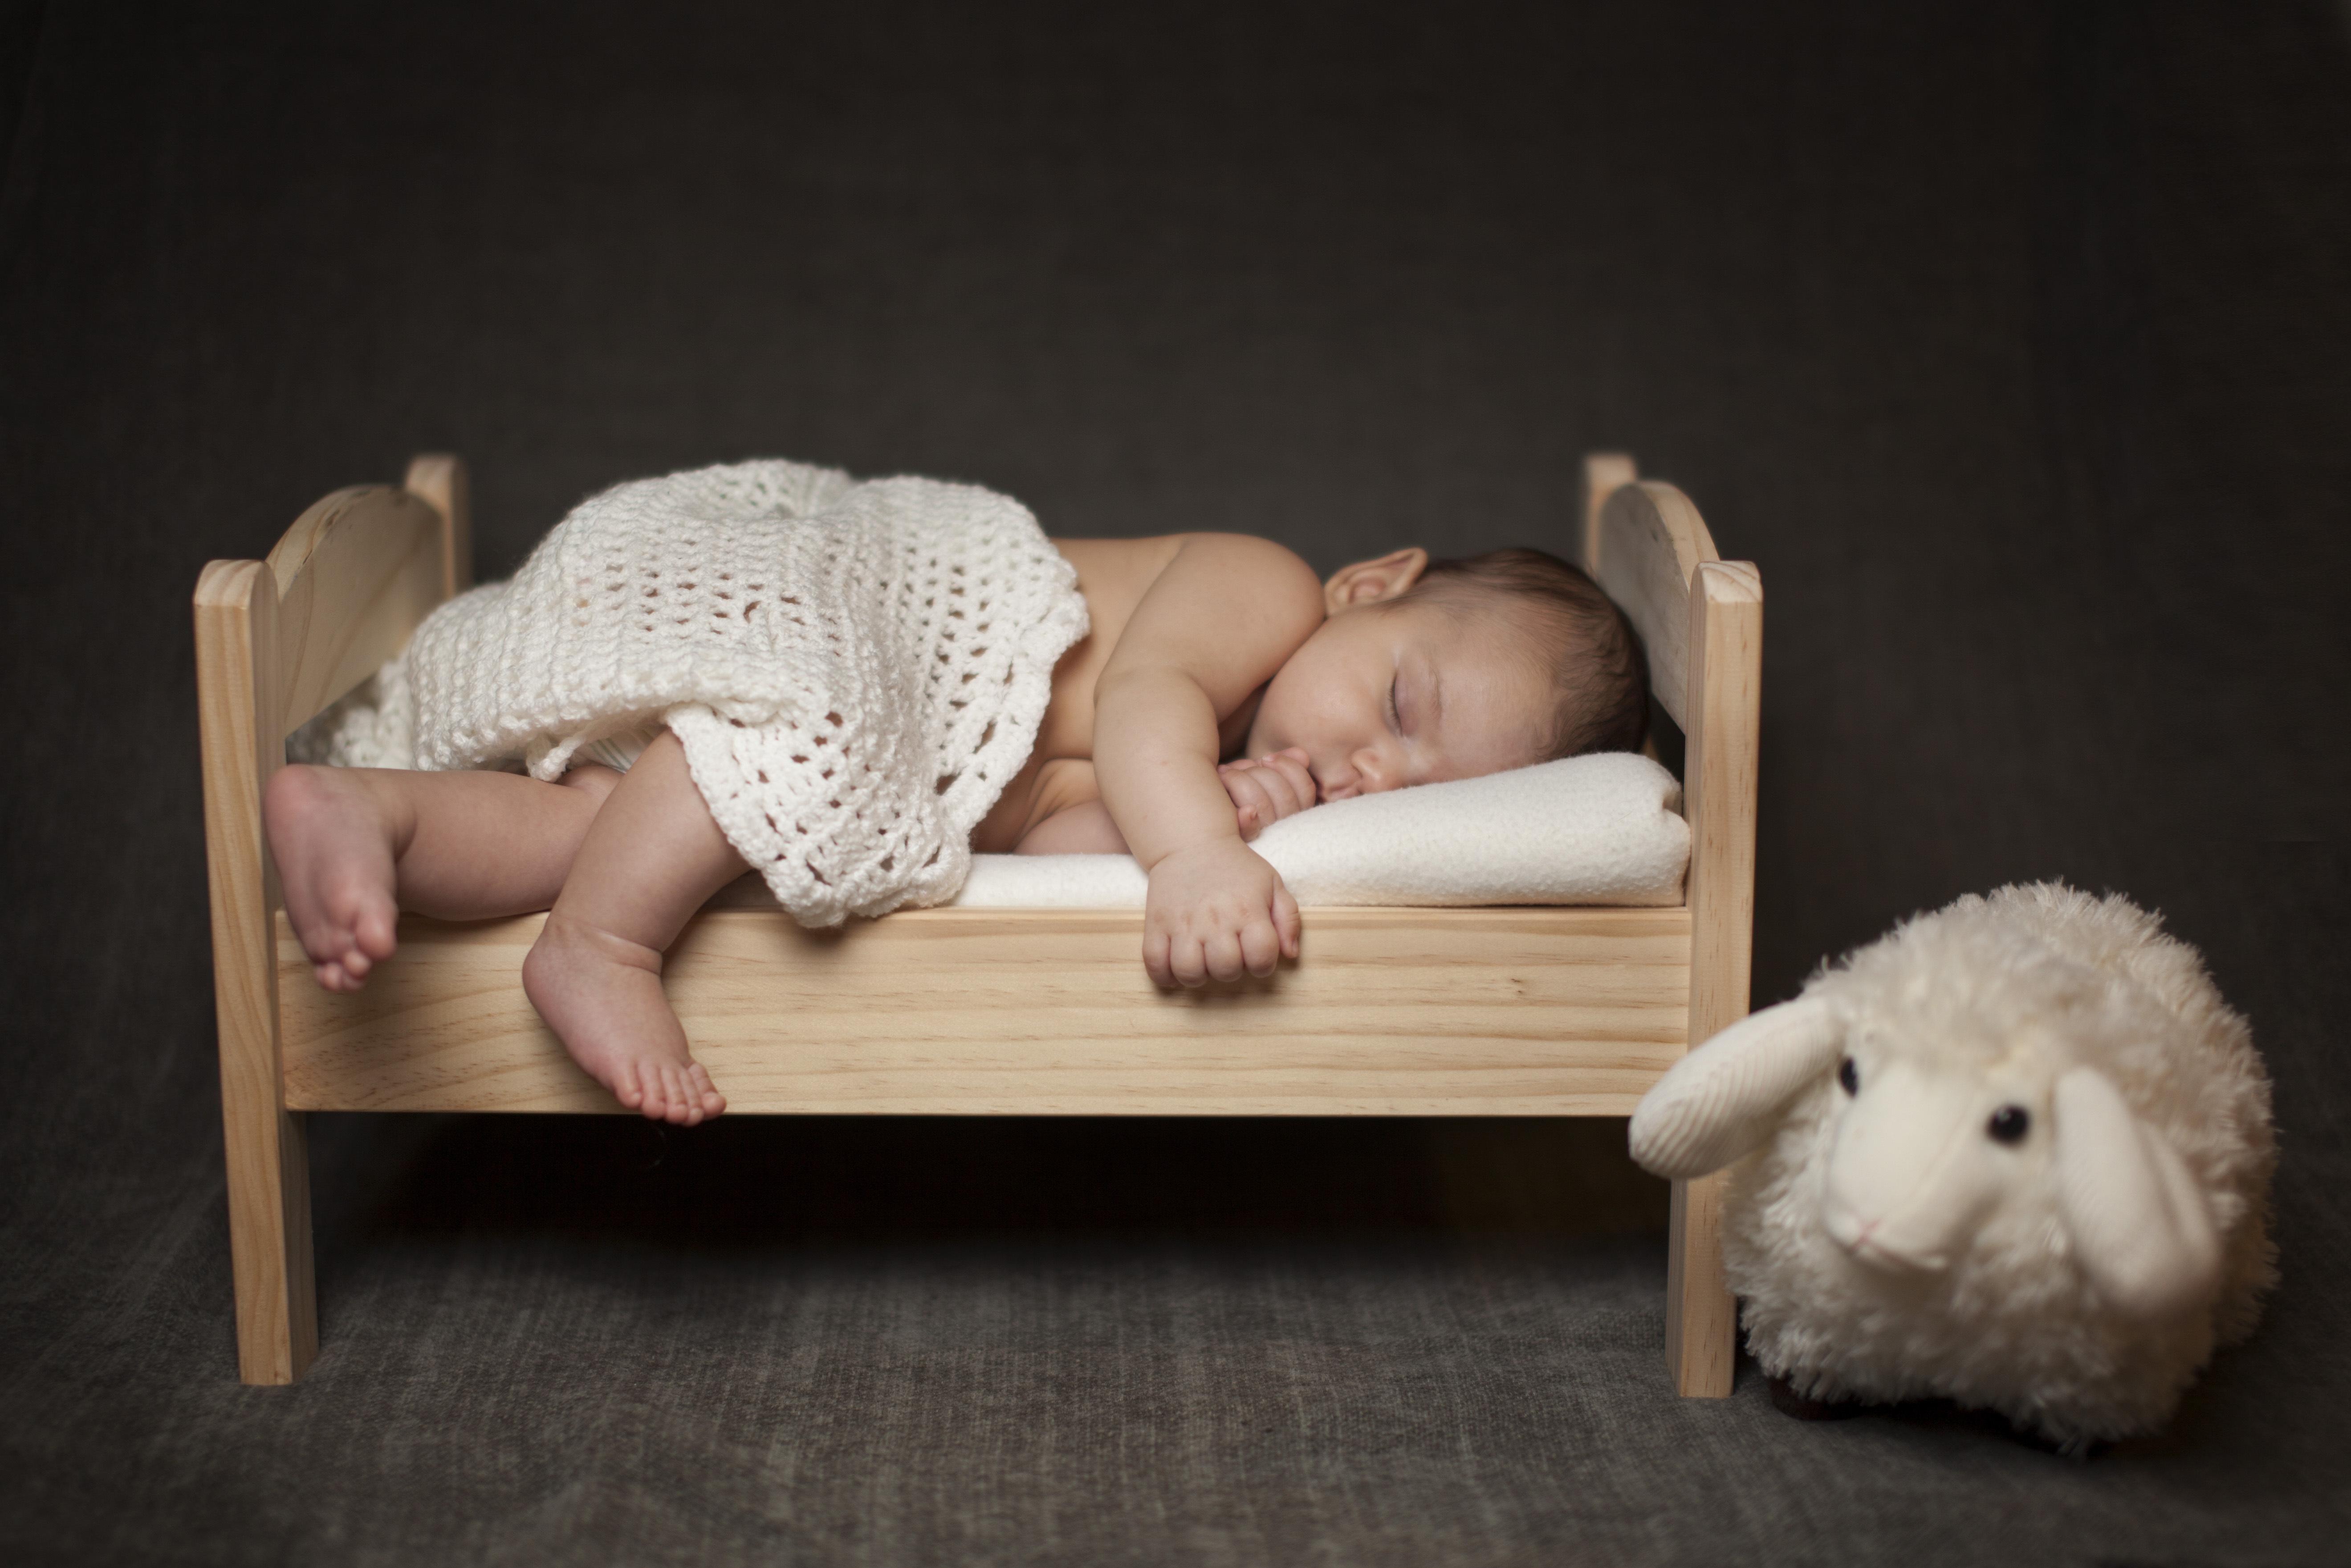 Методика контролируемого плача - засыпаем без слез